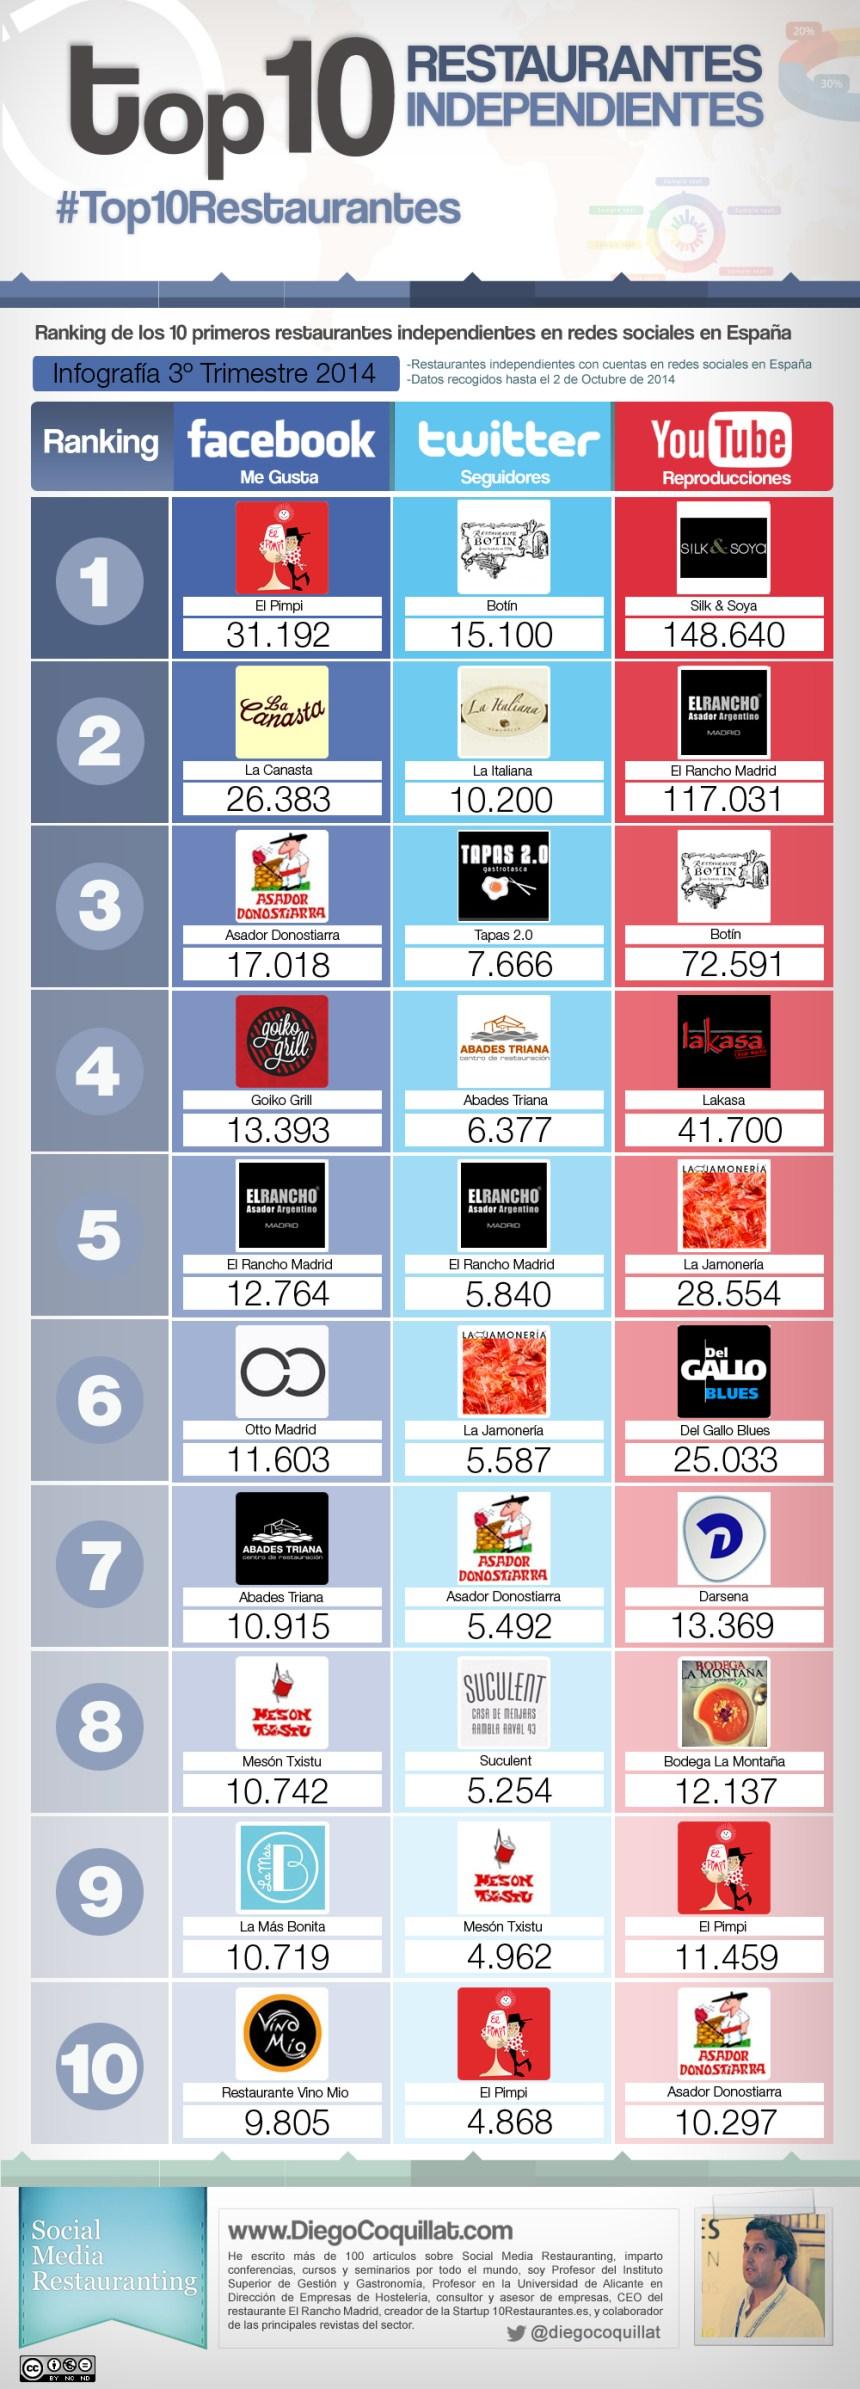 Top 10 restaurantes independientes en redes sociales España 2013 (3T)